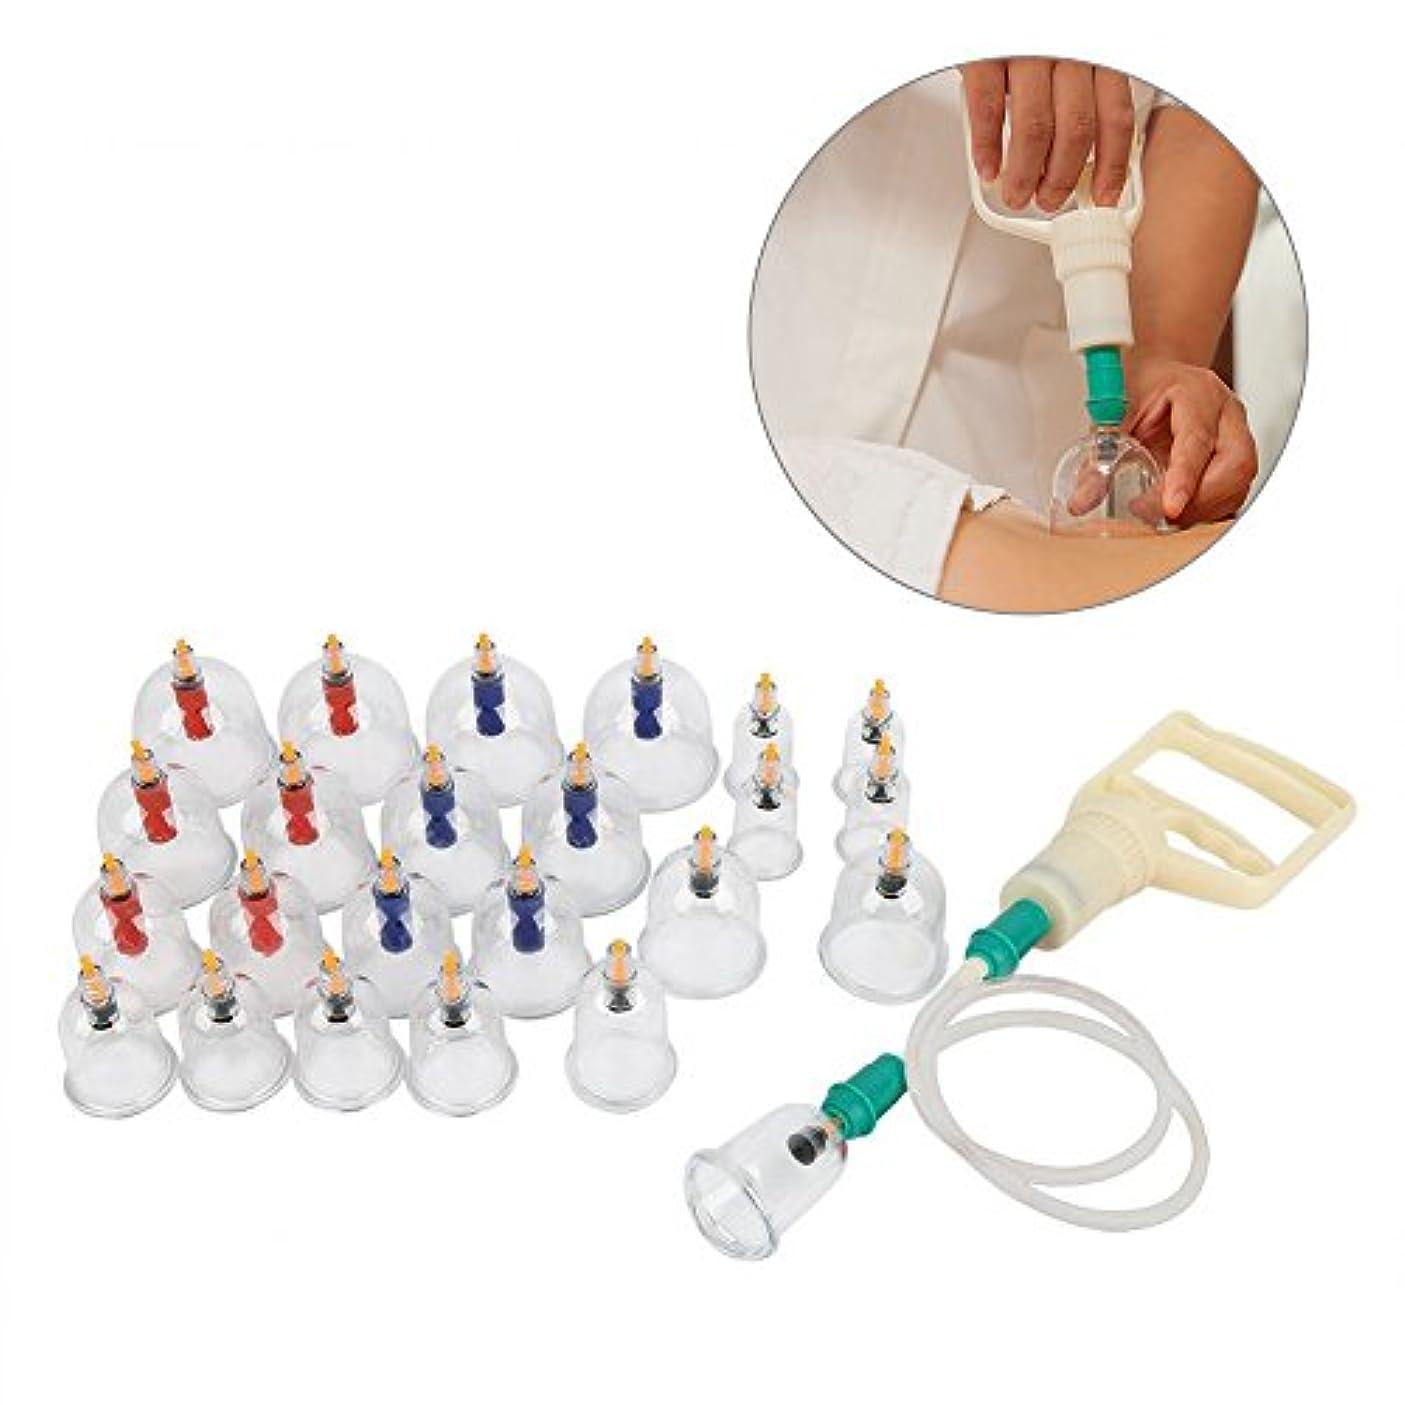 提案顔料差し引く24個のU字型カッピング真空マッサージ療法ボディの真空サクションカップ伝統的な中国の医療用真空